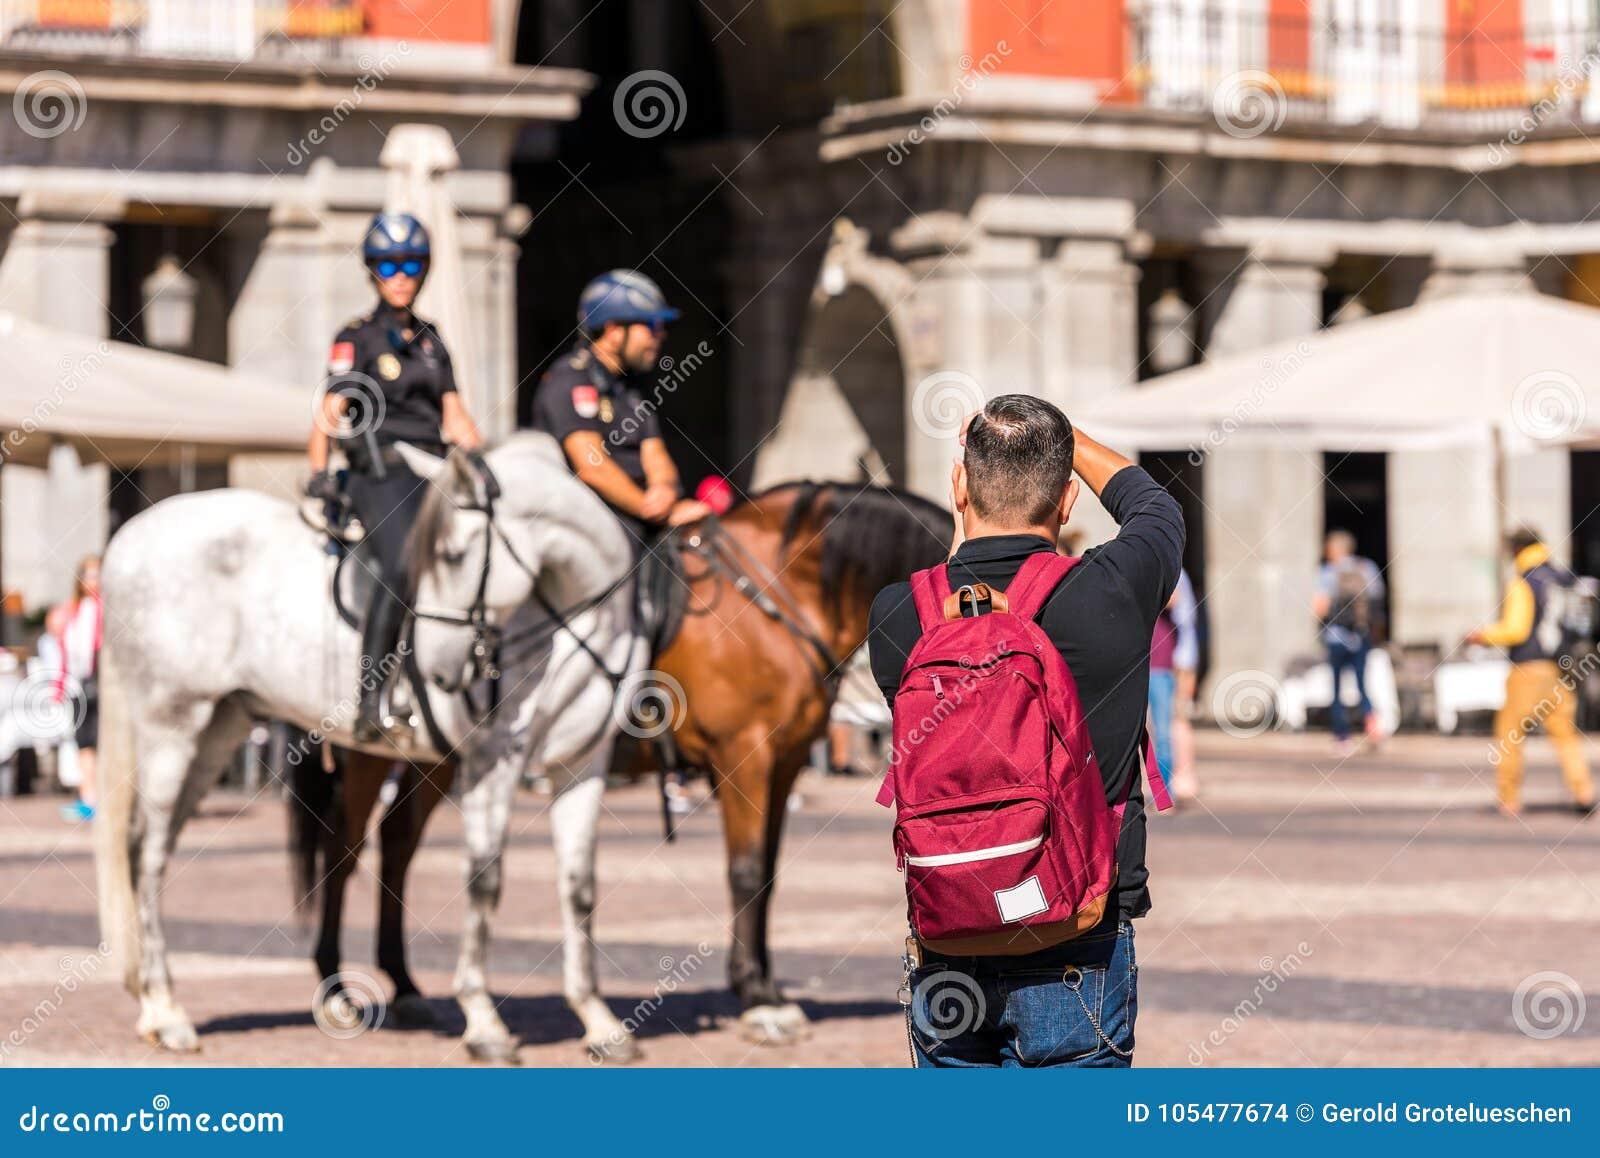 MADRID, SPANIEN - 26. SEPTEMBER 2017: Ein Mann fotografiert die berittene Polizei im Quadrat des Royal Palace-Gebäudes